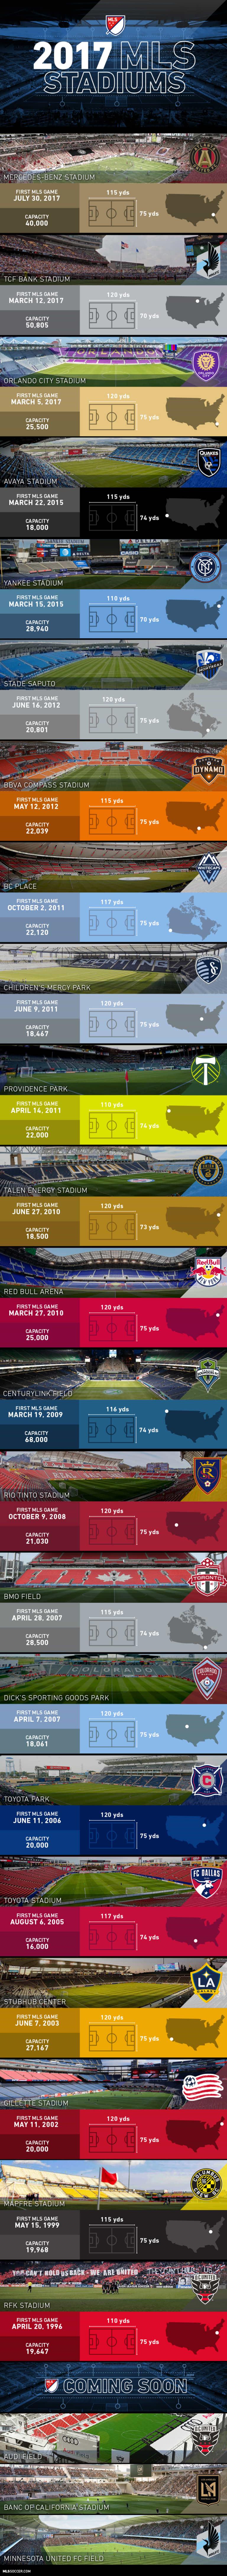 All 22 MLS stadiums for the 2017 season - https://league-mp7static.mlsdigital.net/images/2017-MLS-Stadium-Infographic_0.jpg